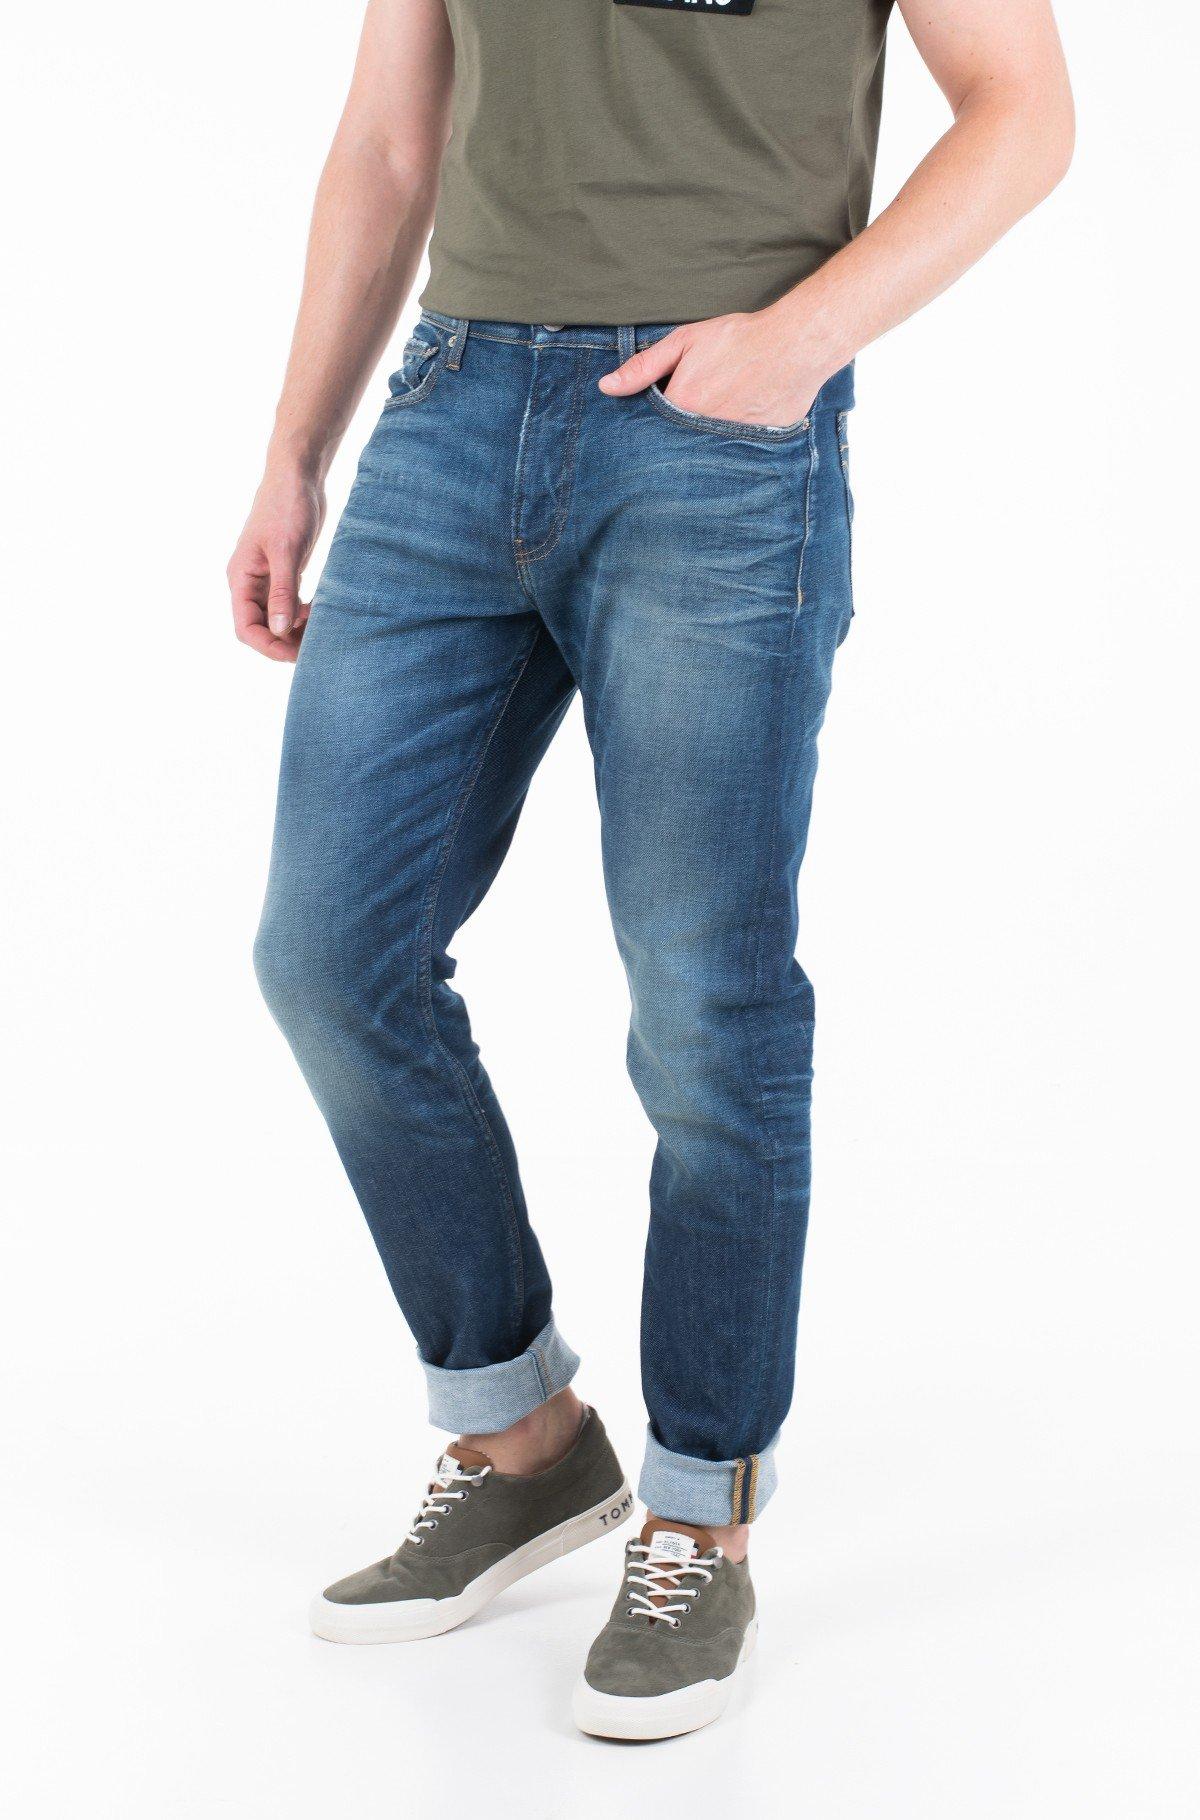 Džinsinės kelnės CKJ 058 SLIM TAPER-full-1